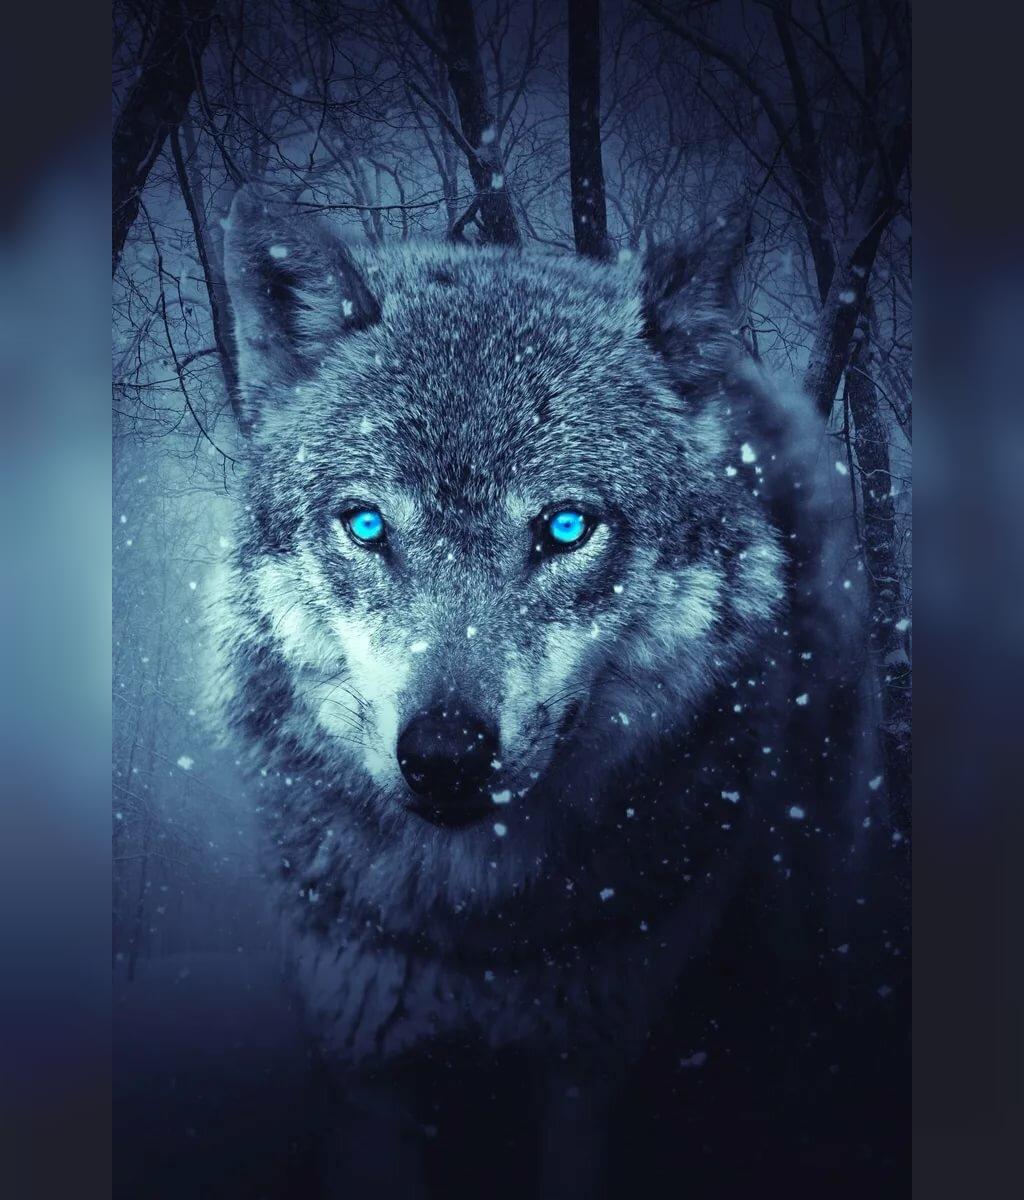 عکس های زیبای گرگ برای پروفایل